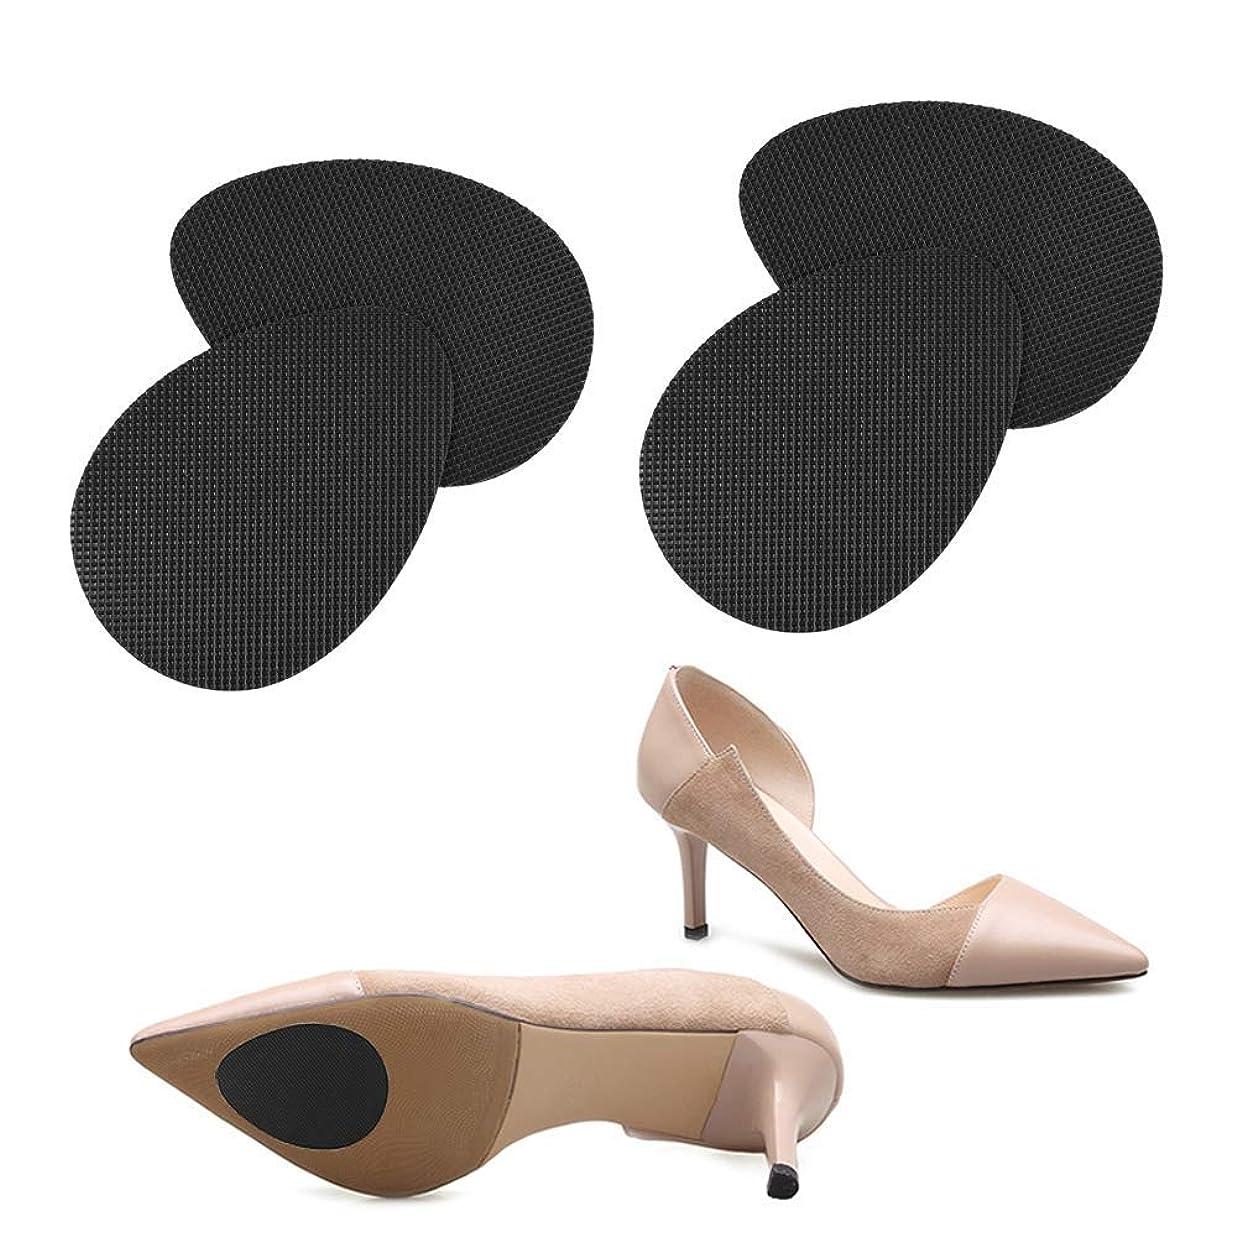 プラットフォーム前文召集するWAGOCORO靴 ハイヒール 滑り止め ステッカー スリップガード 保護 シート つま先 かかと 滑り止め (2足 4枚入り)